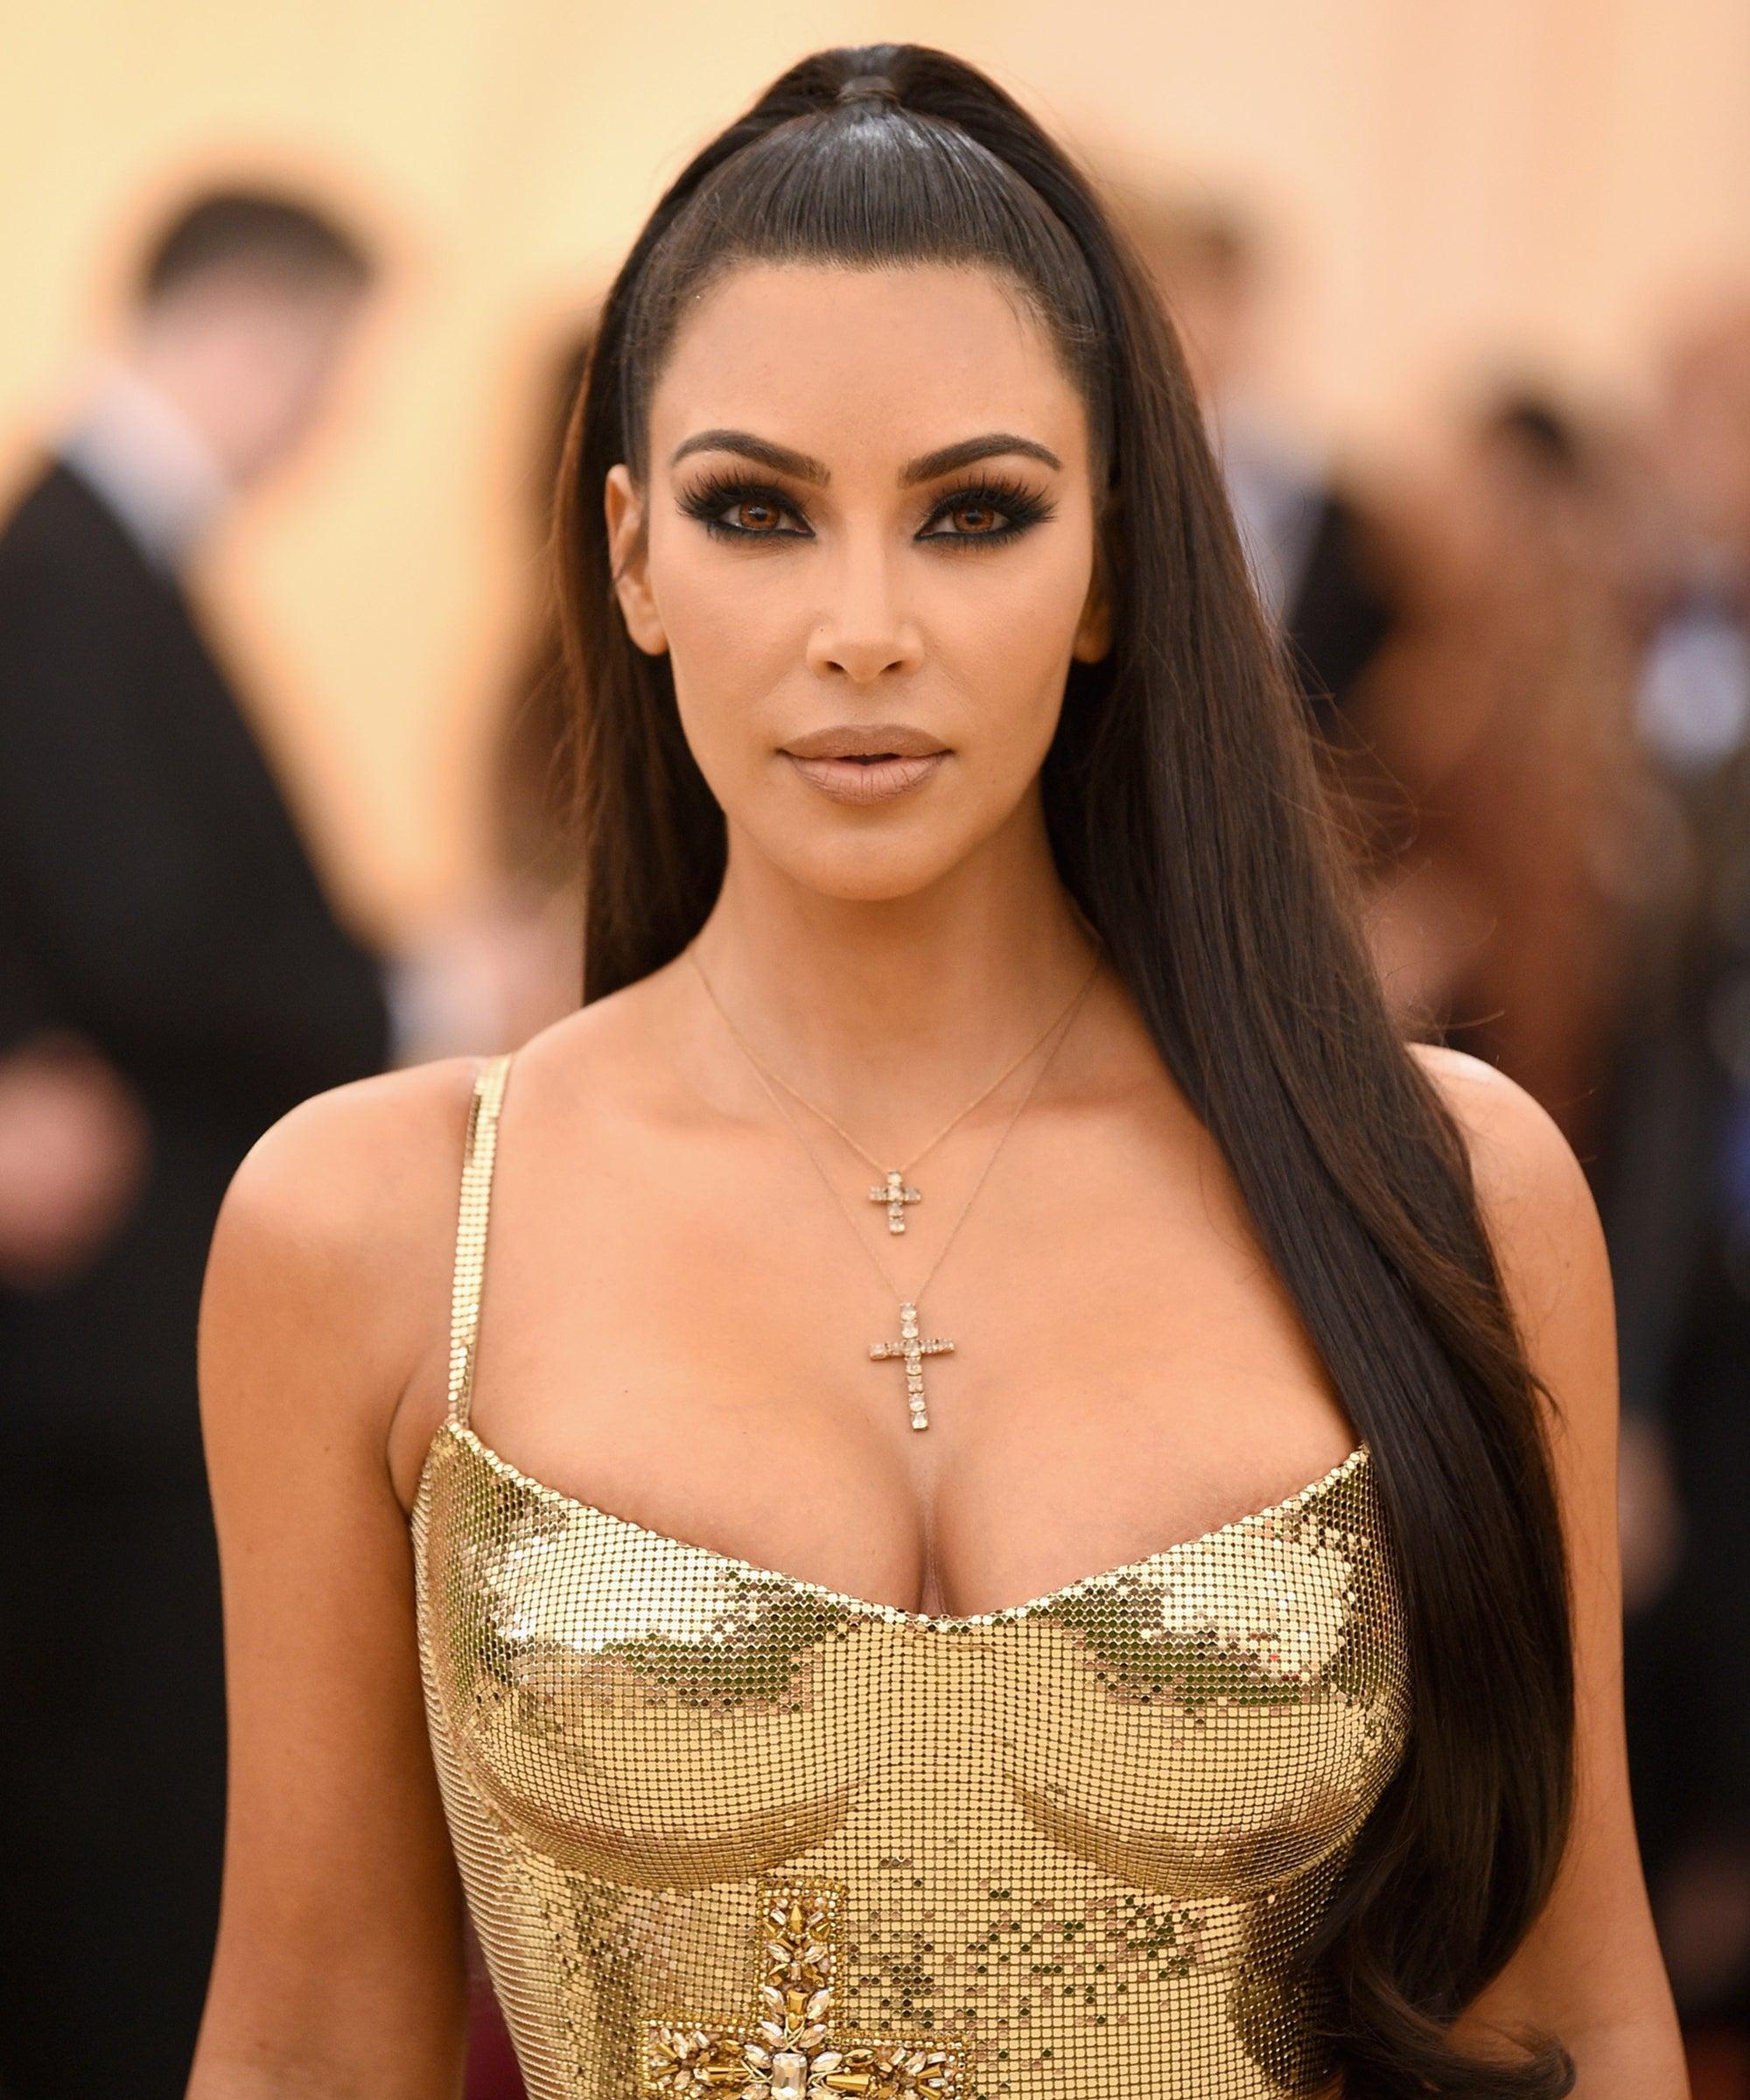 Kim Kardashian West's 11 Most Selfie-Worthy Hairstyles